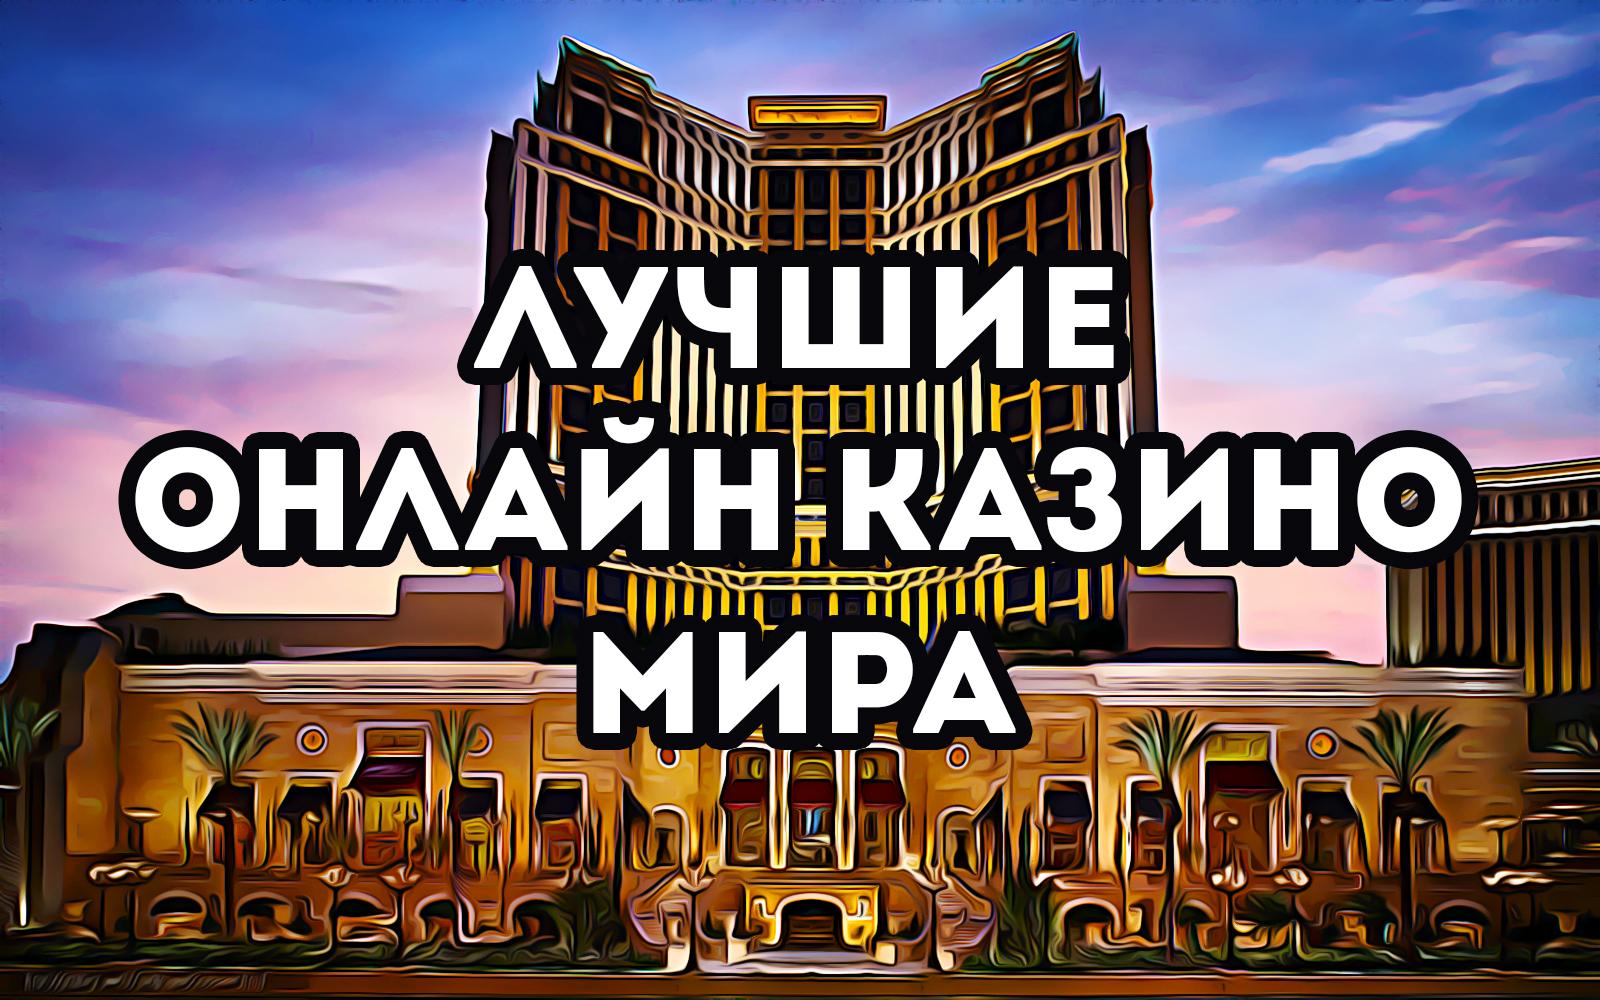 Скачать исходники казино казино и рояль смотреть онлайн